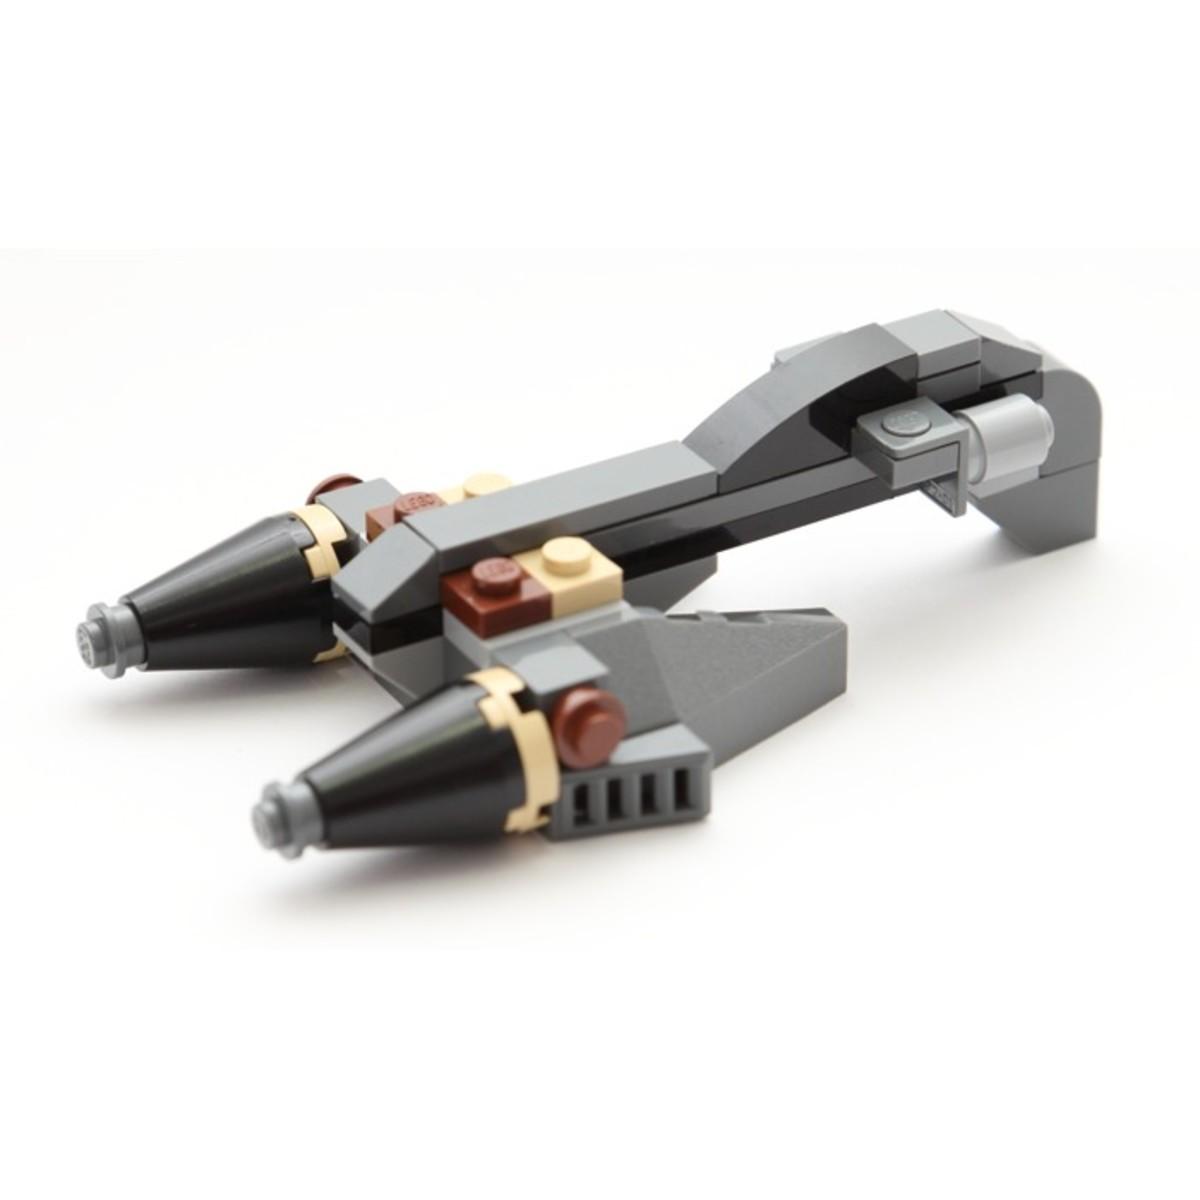 LEGO Star Wars General Grievous Starfighter 8033 Assembled